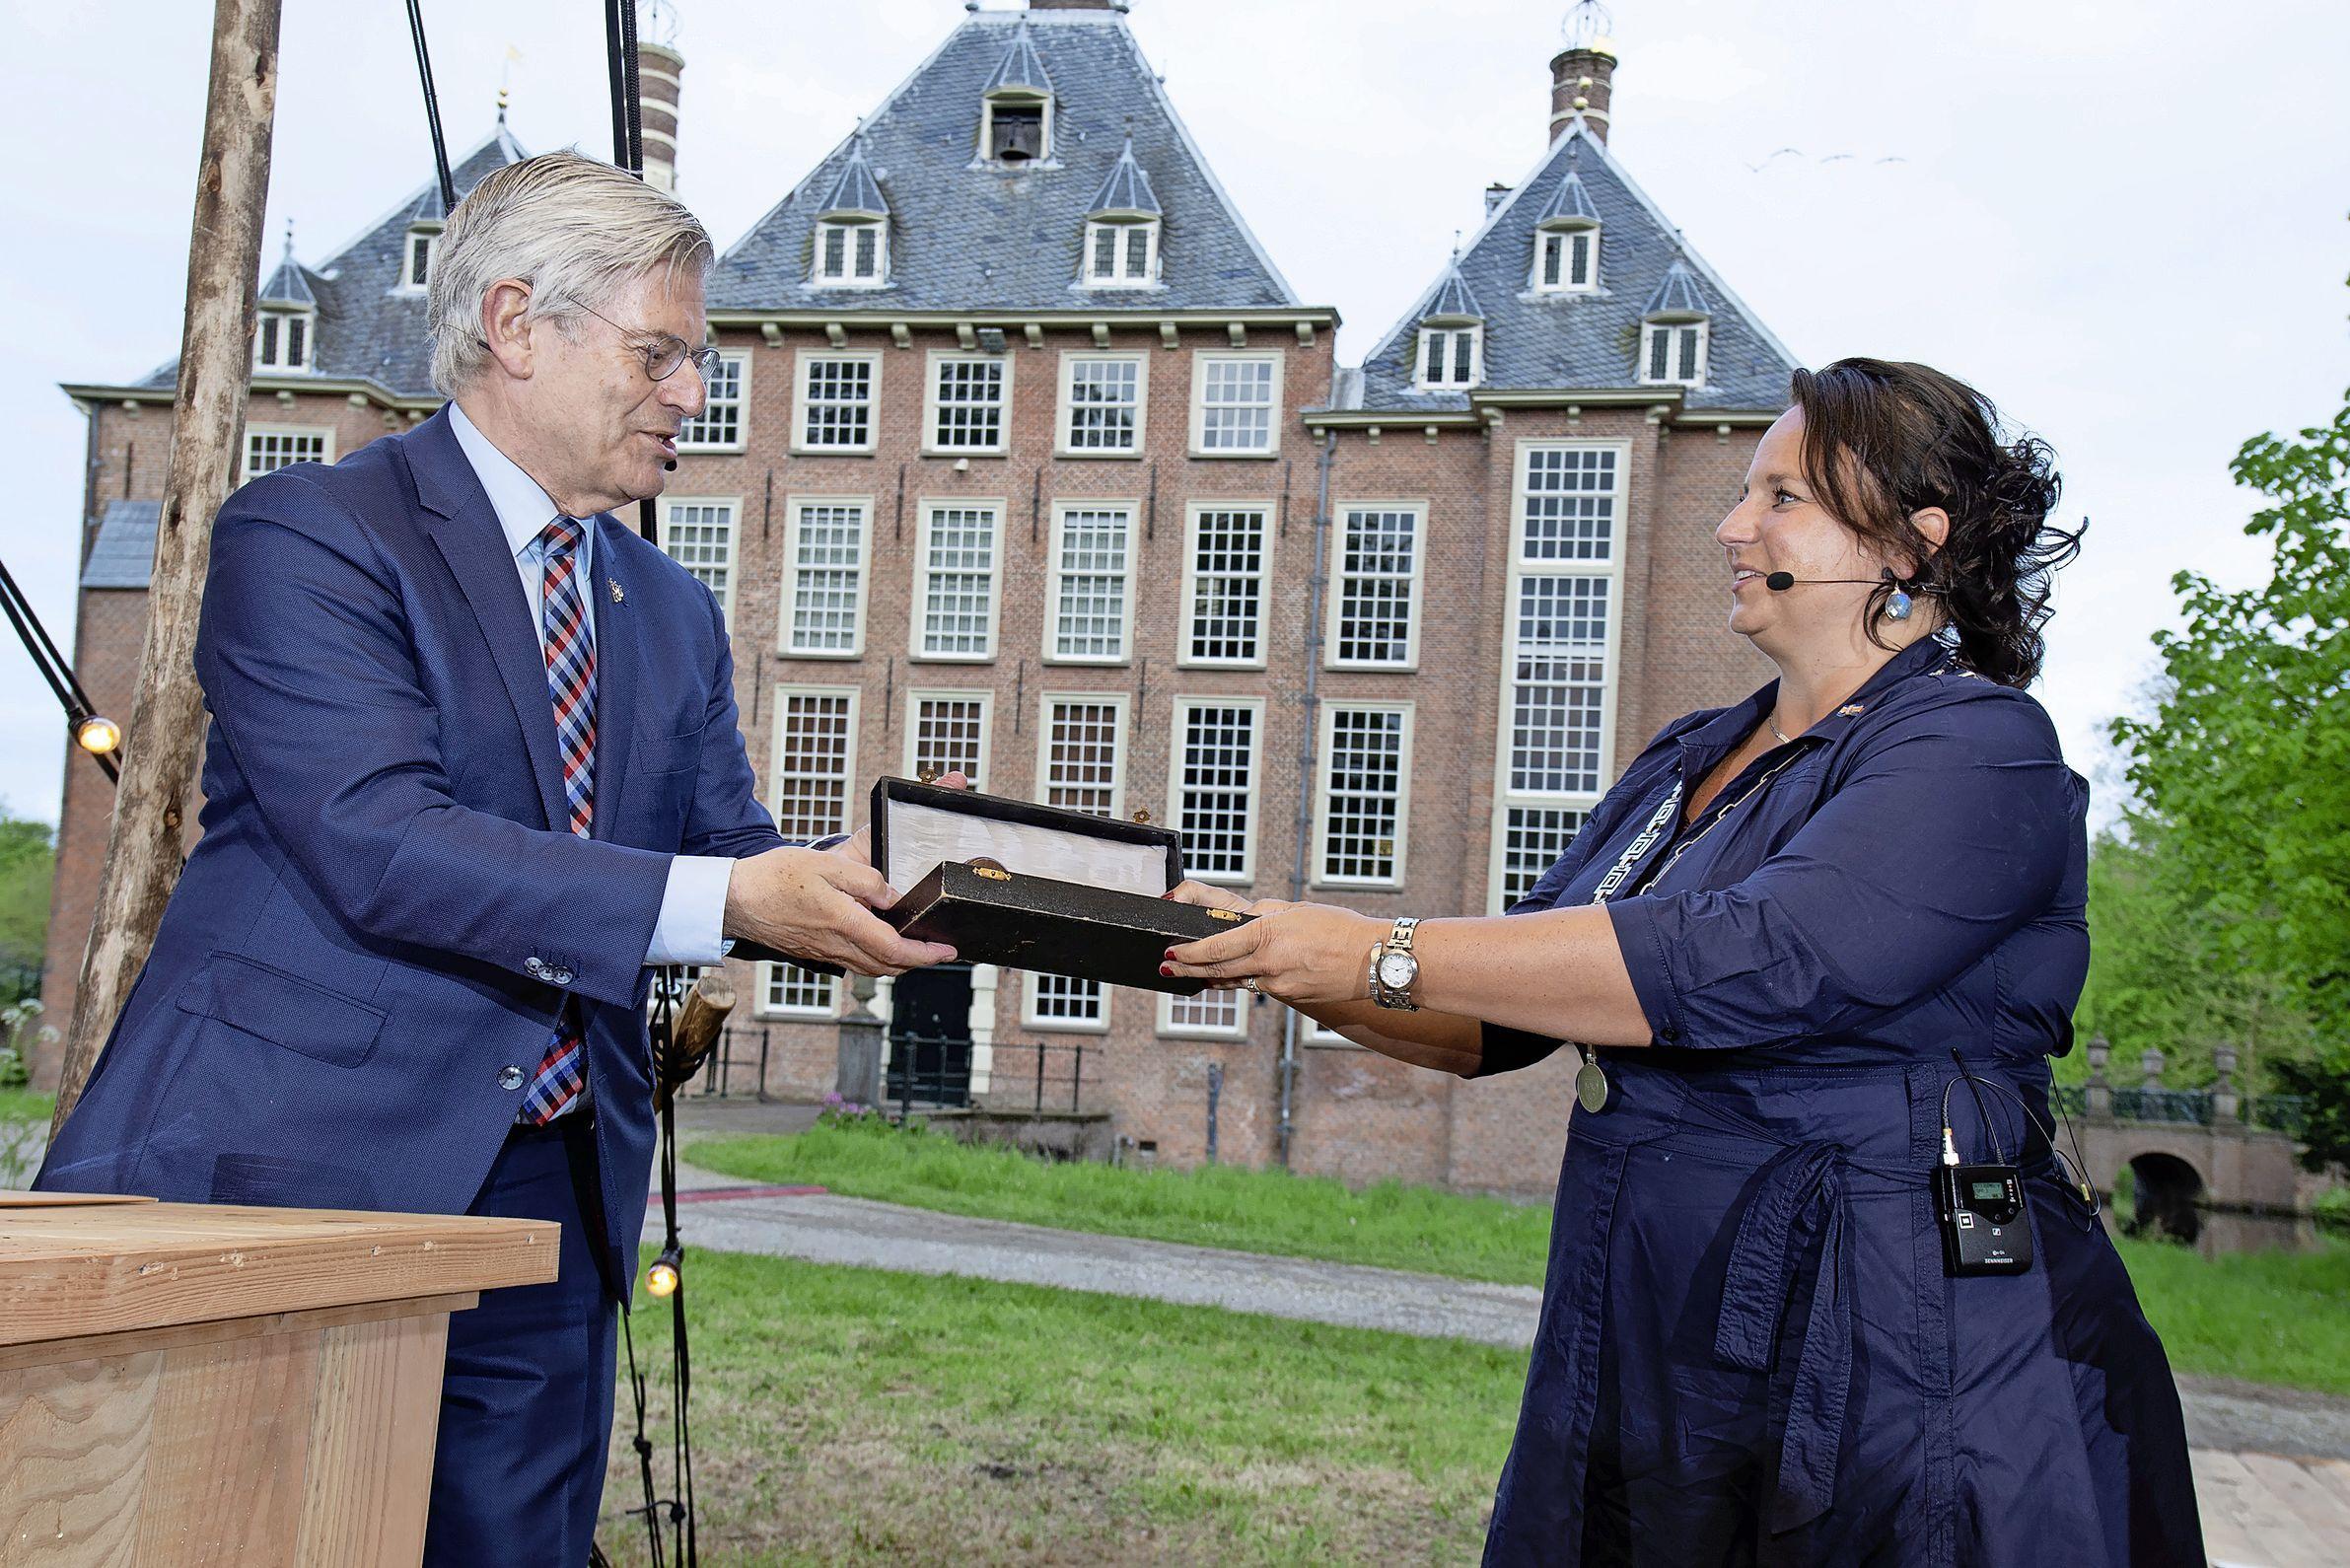 Voorschotens eerste burger Nadine Stemerdink aan de slag: 'Laat je nooit aanpraten dat je iets niet kan'